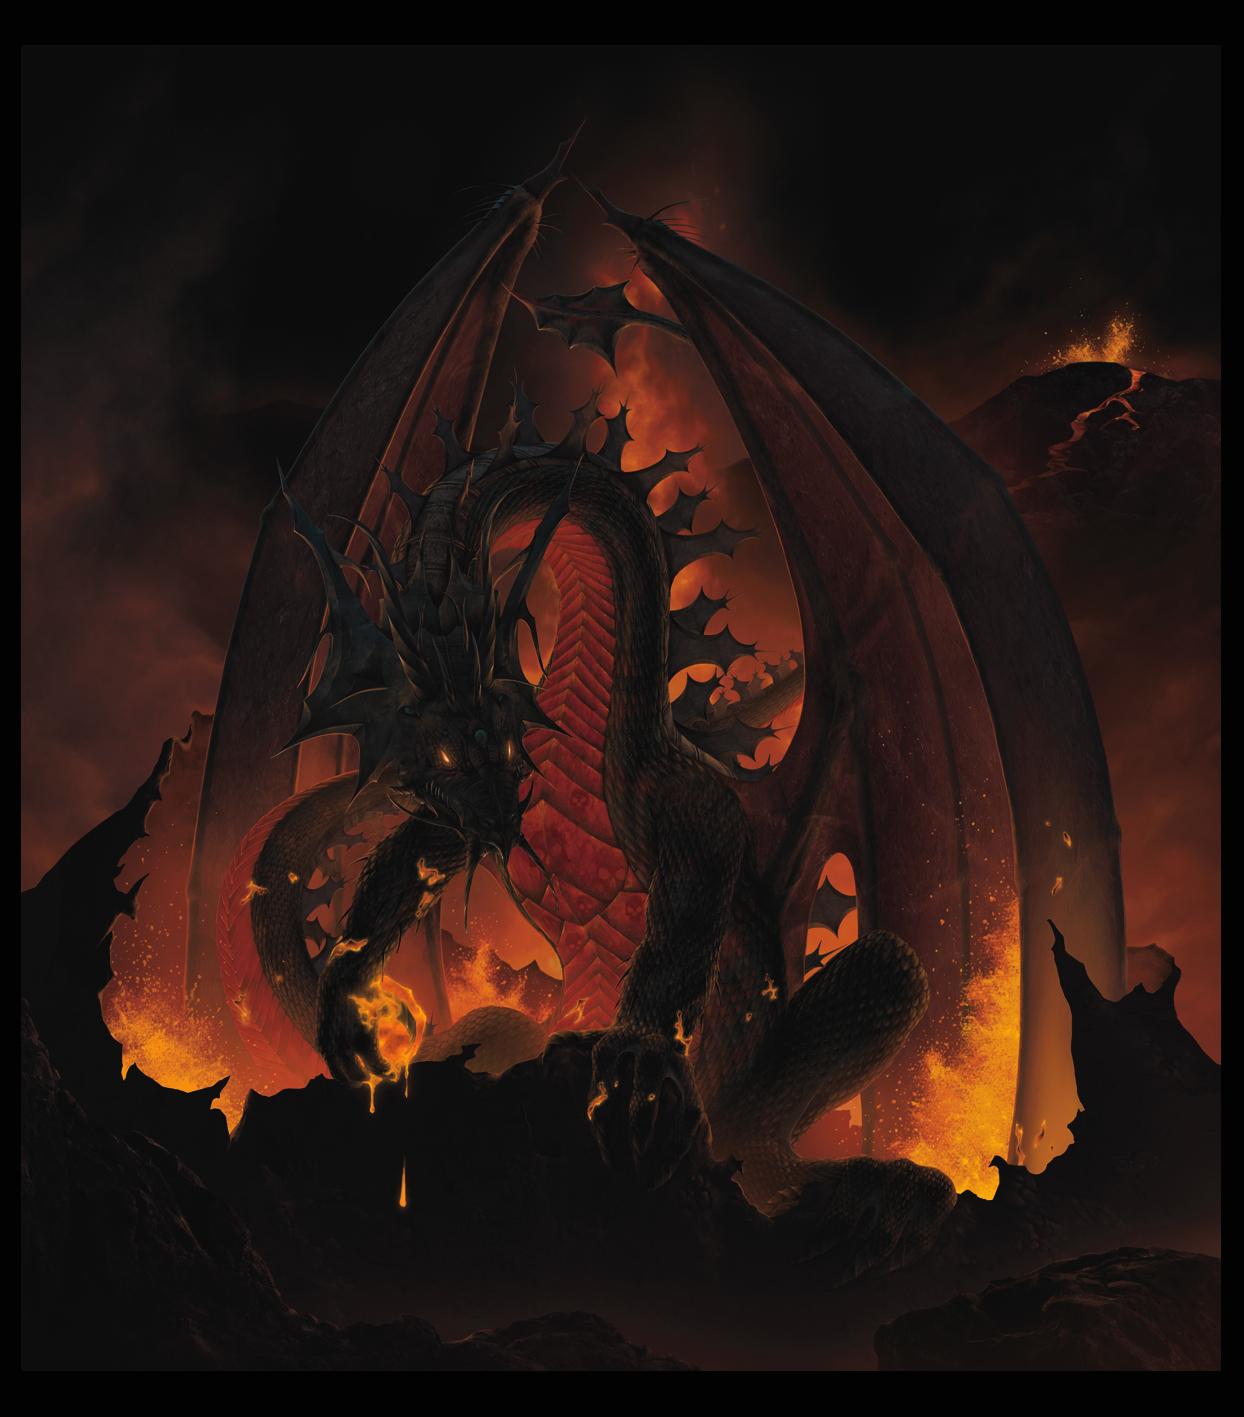 Dragon Guerrier en Armure dans Dragons b80e45bd58bbdb5d7345e3adf207bd06